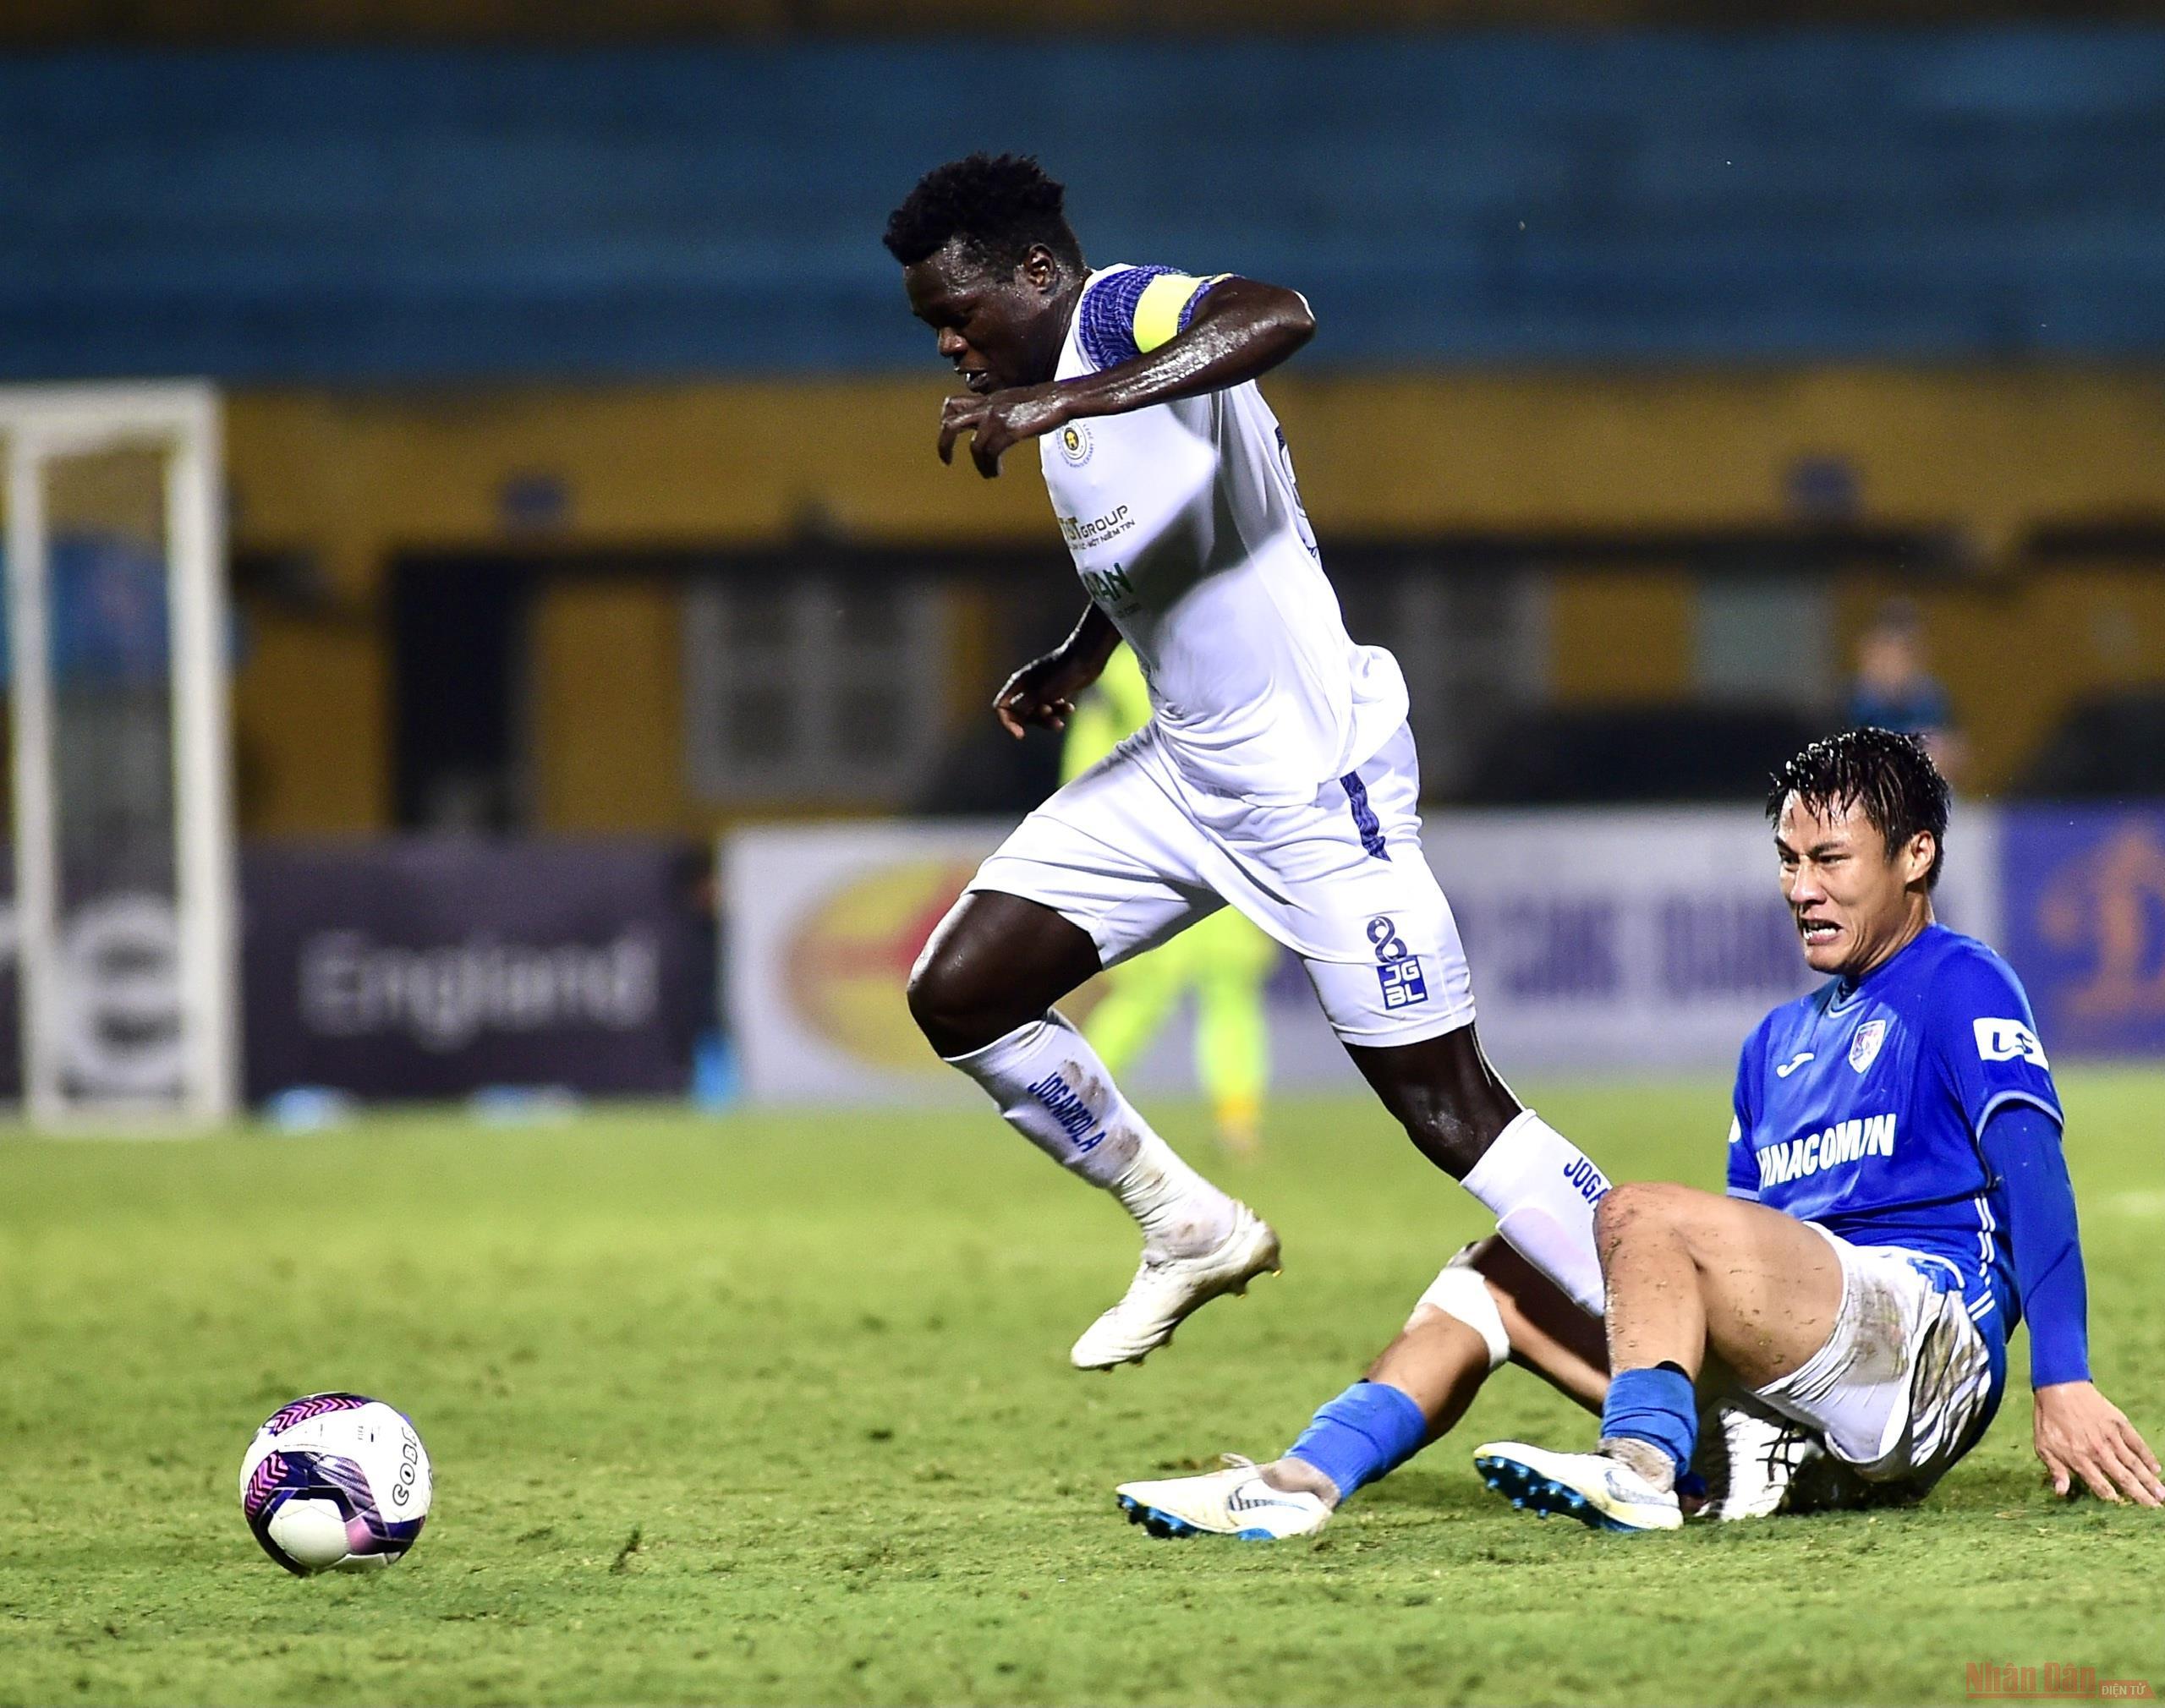 Hà Nội trở lại thăng hoa, Sài Gòn thắng tối thiểu Hà Tĩnh -0